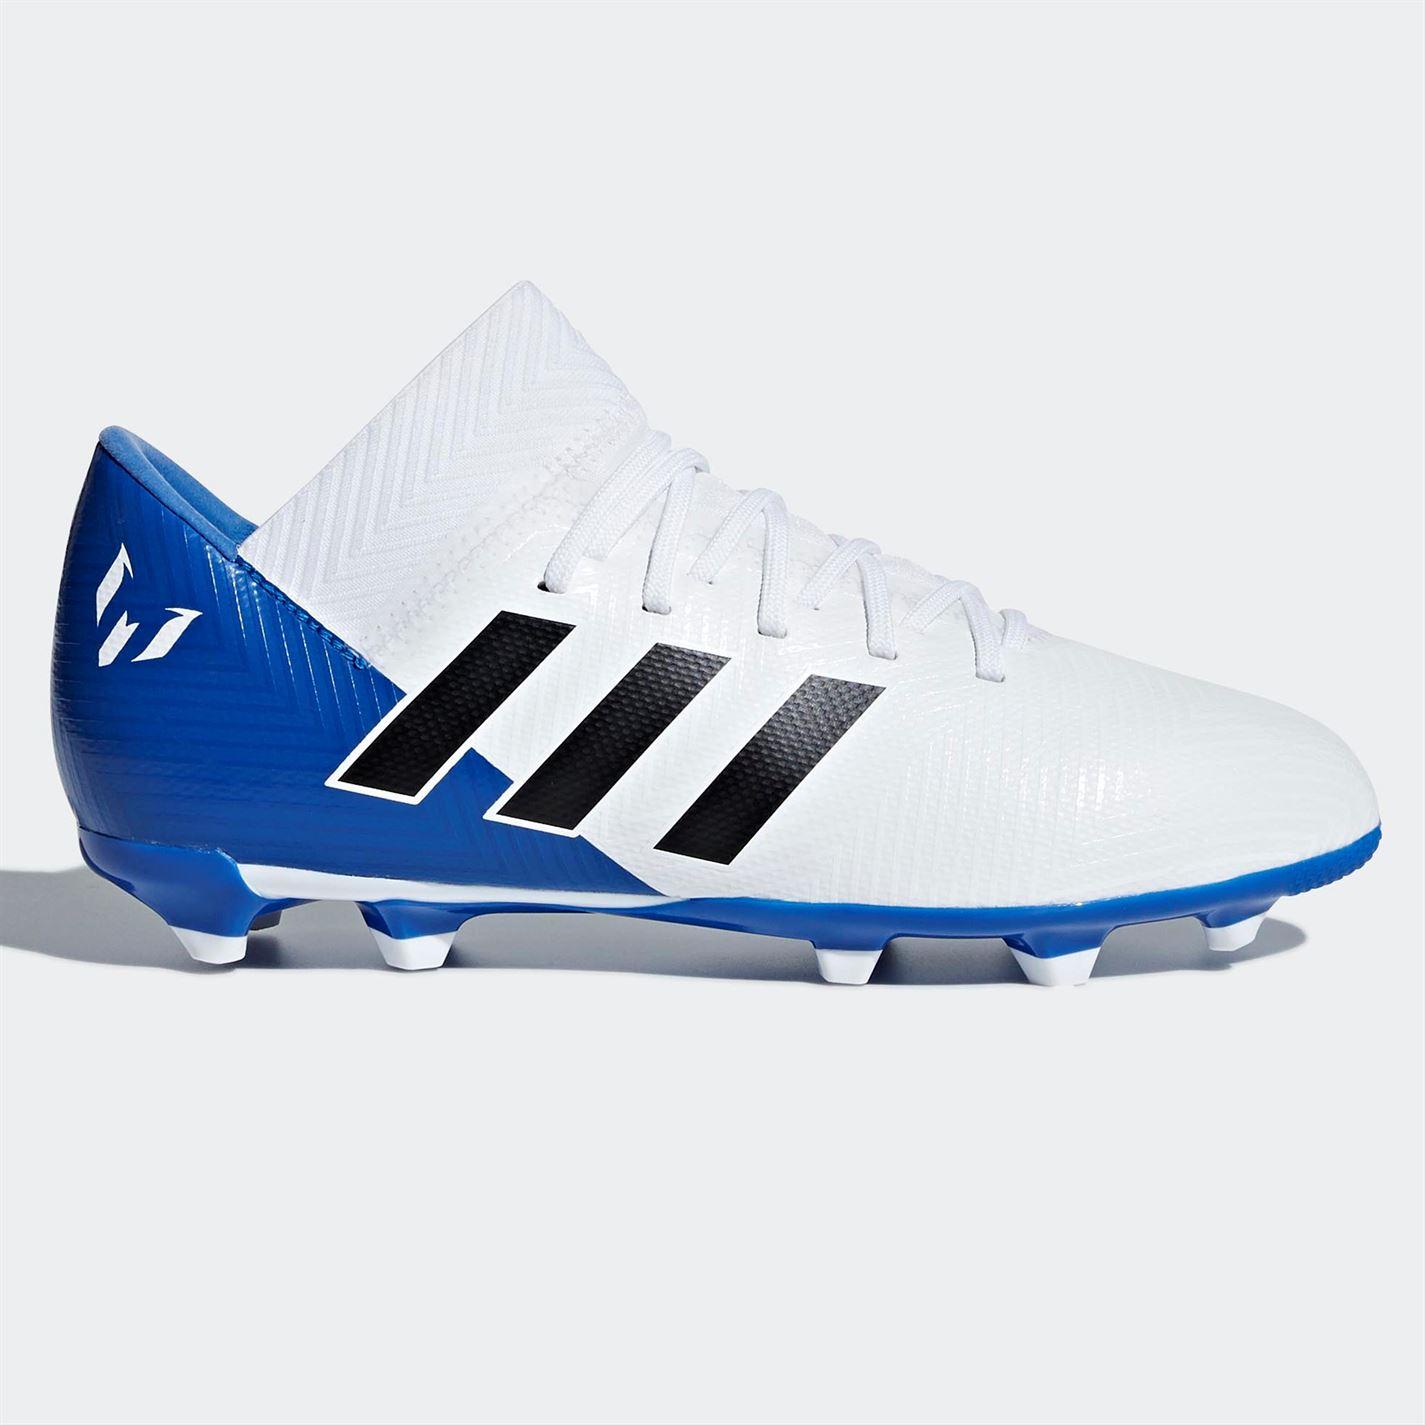 kopačky adidas Nemeziz Messi 18.3 Childrens FG